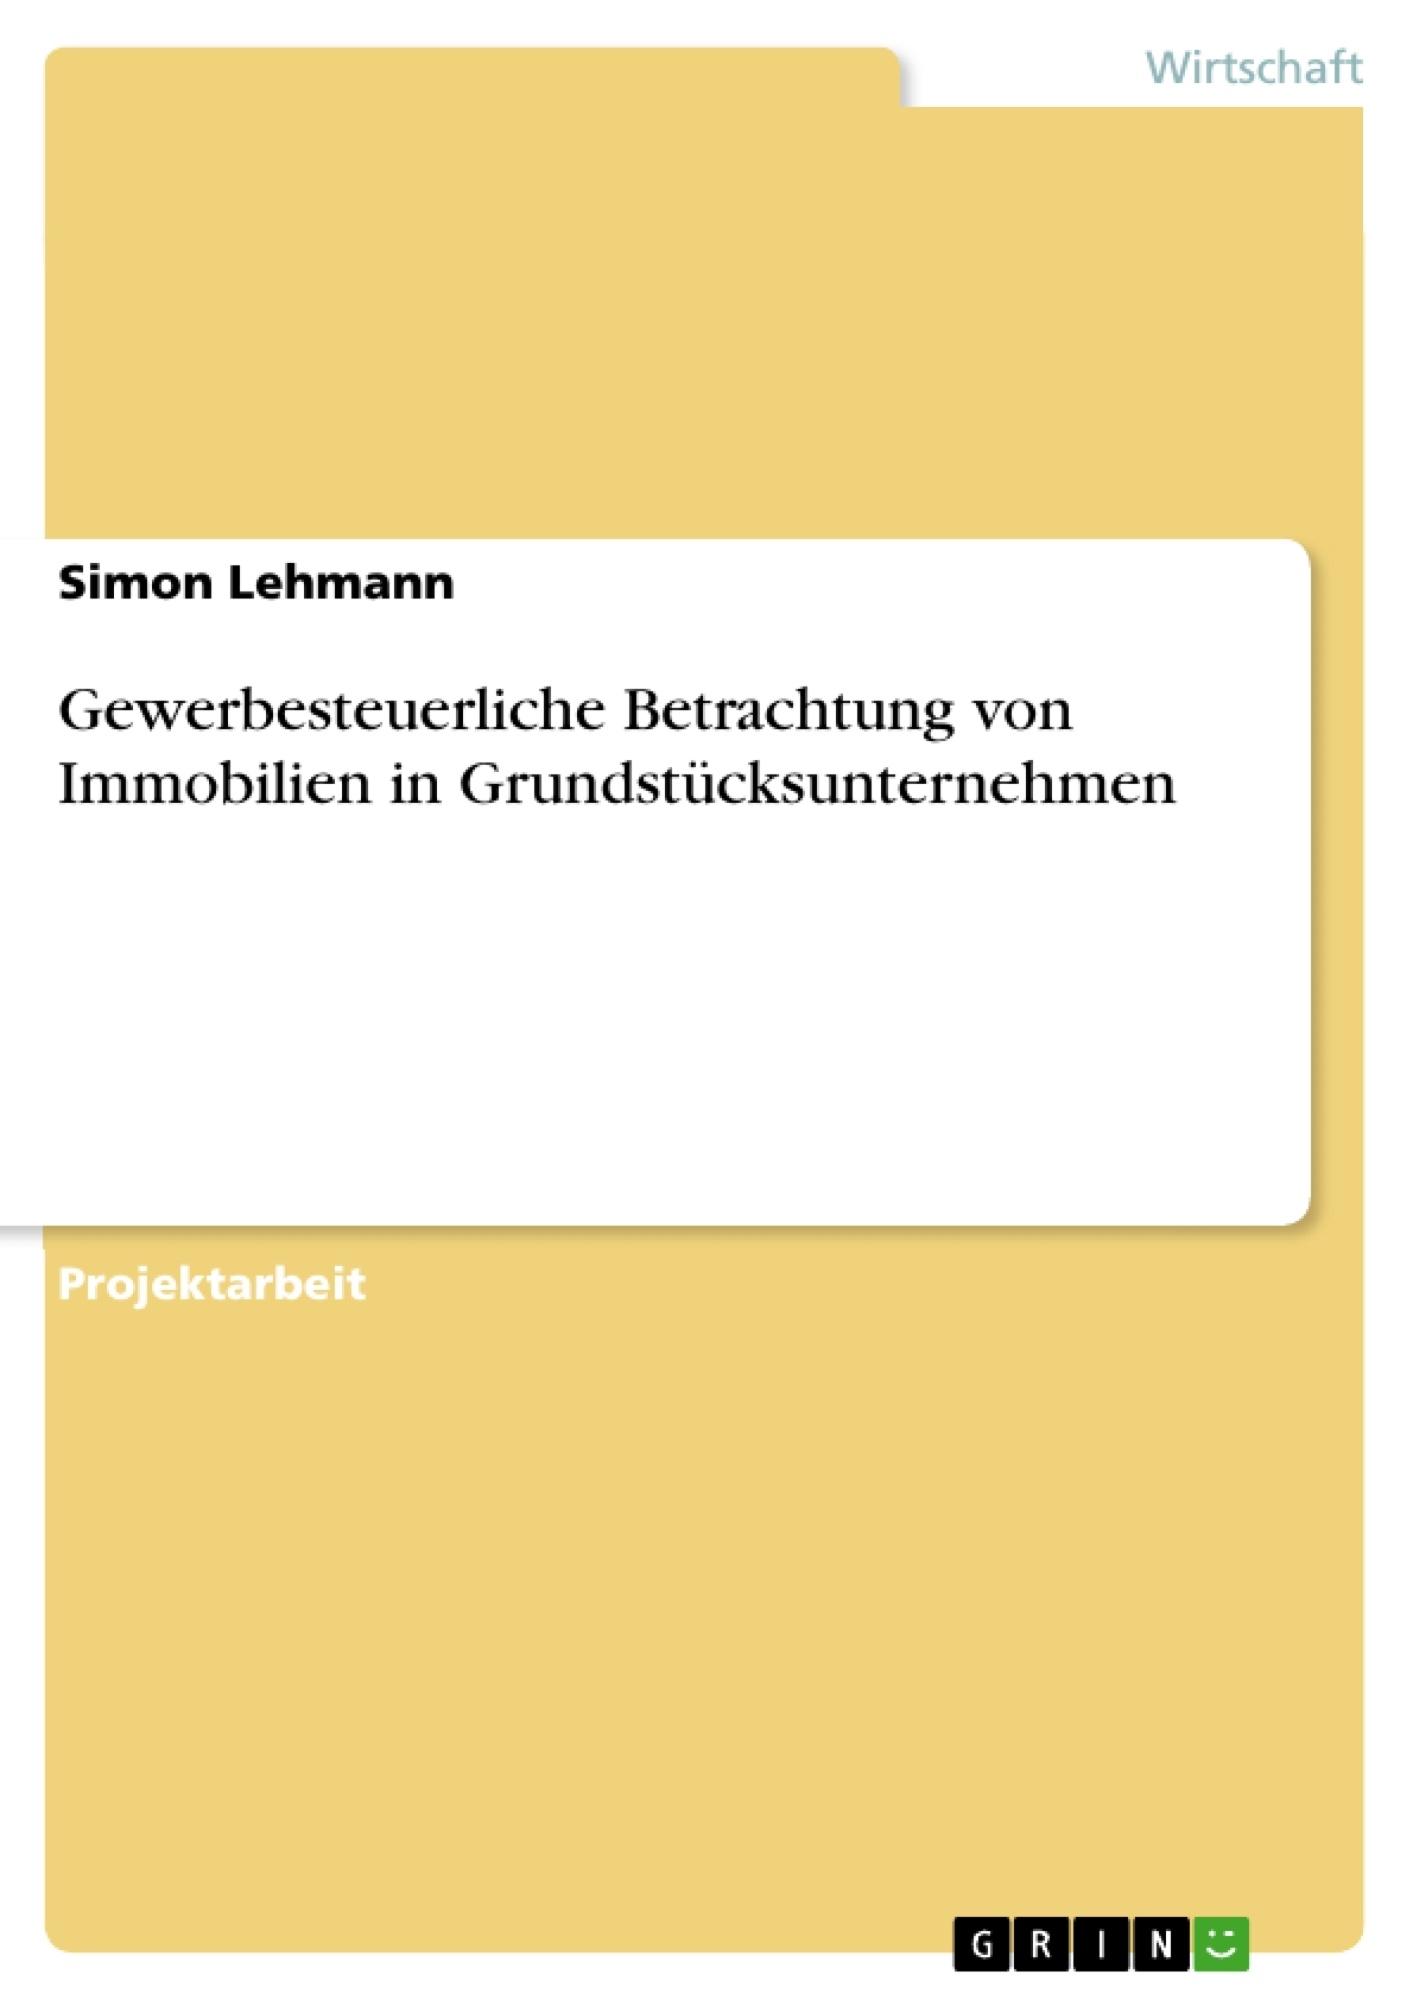 Titel: Gewerbesteuerliche Betrachtung von Immobilien in Grundstücksunternehmen